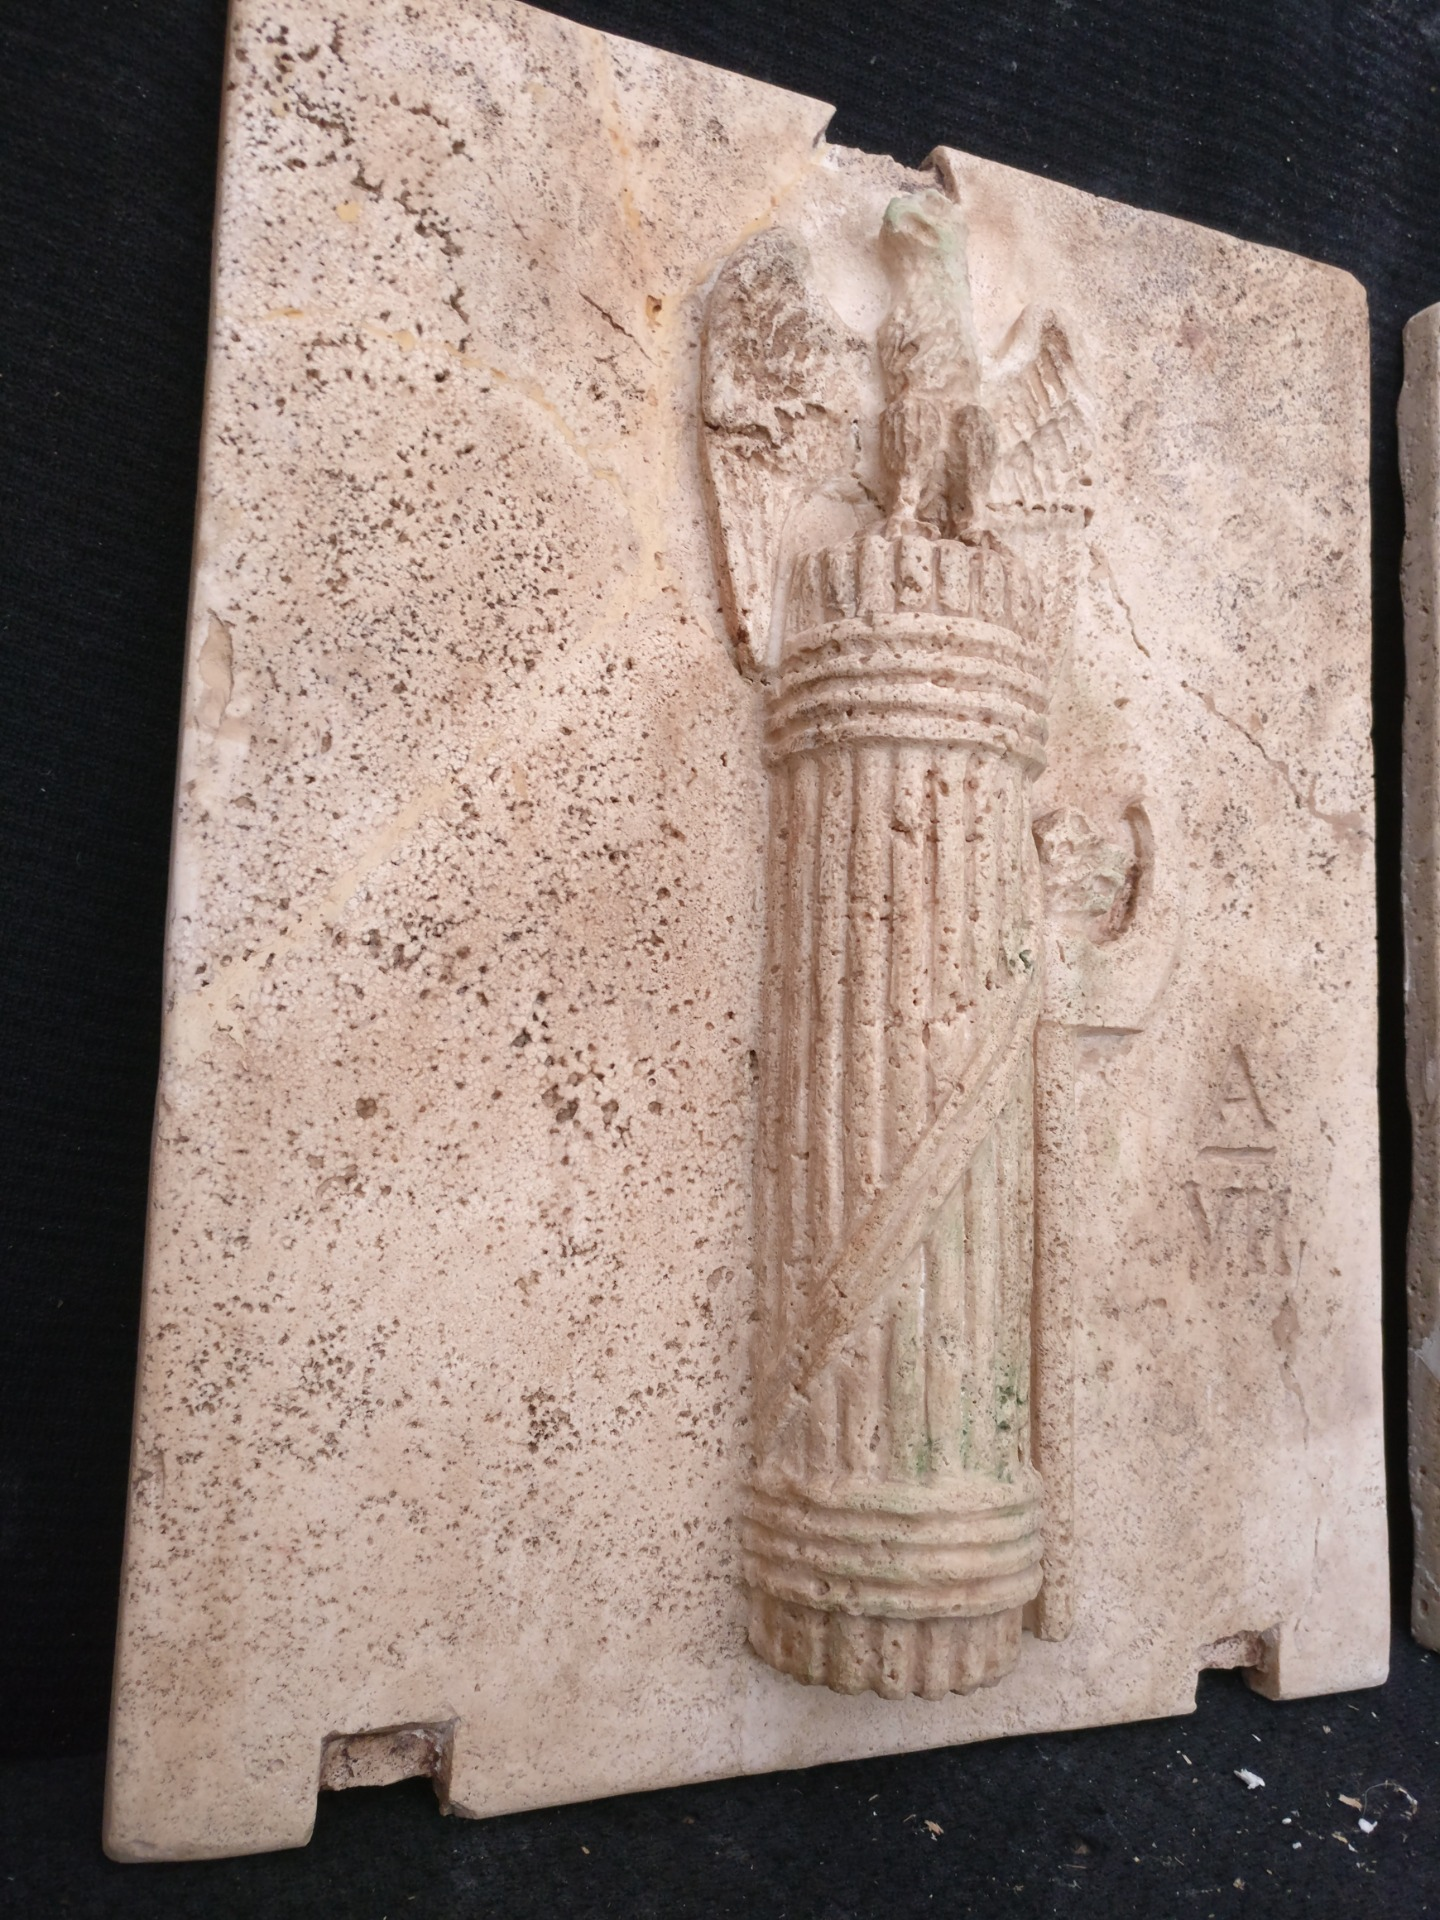 thumb9 Magnifica Coppia di Fasci Littori in Travertino - Stemmi da muro - 32 x 40 cm - Roma - 1927/28